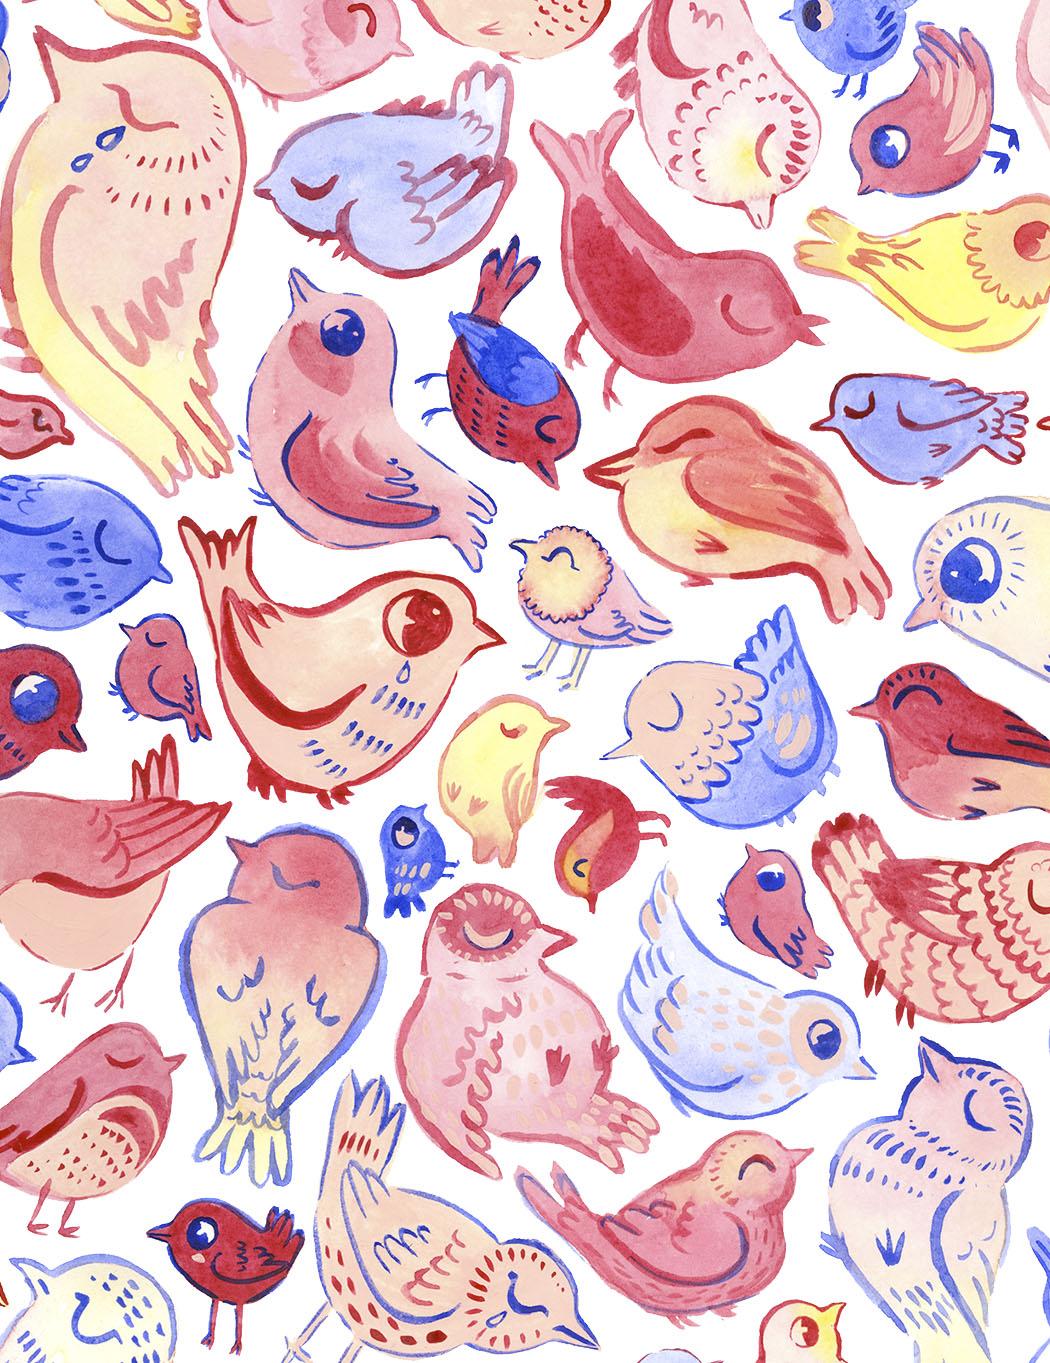 crybirdsighbird_crop1.jpg